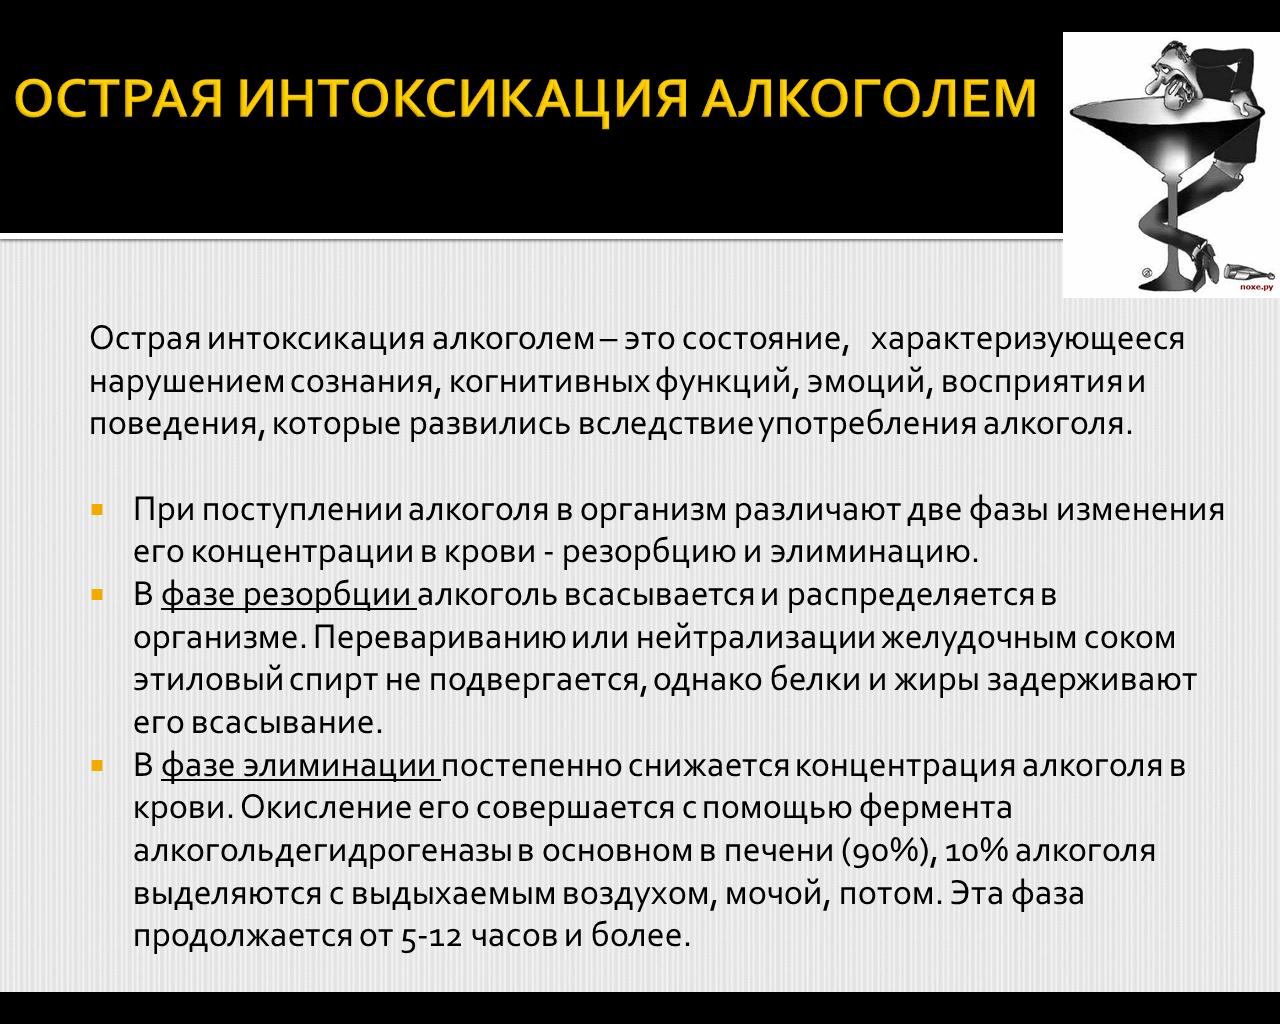 Последствия алкогольного отравления и интоксикации отравление.ру последствия алкогольного отравления и интоксикации